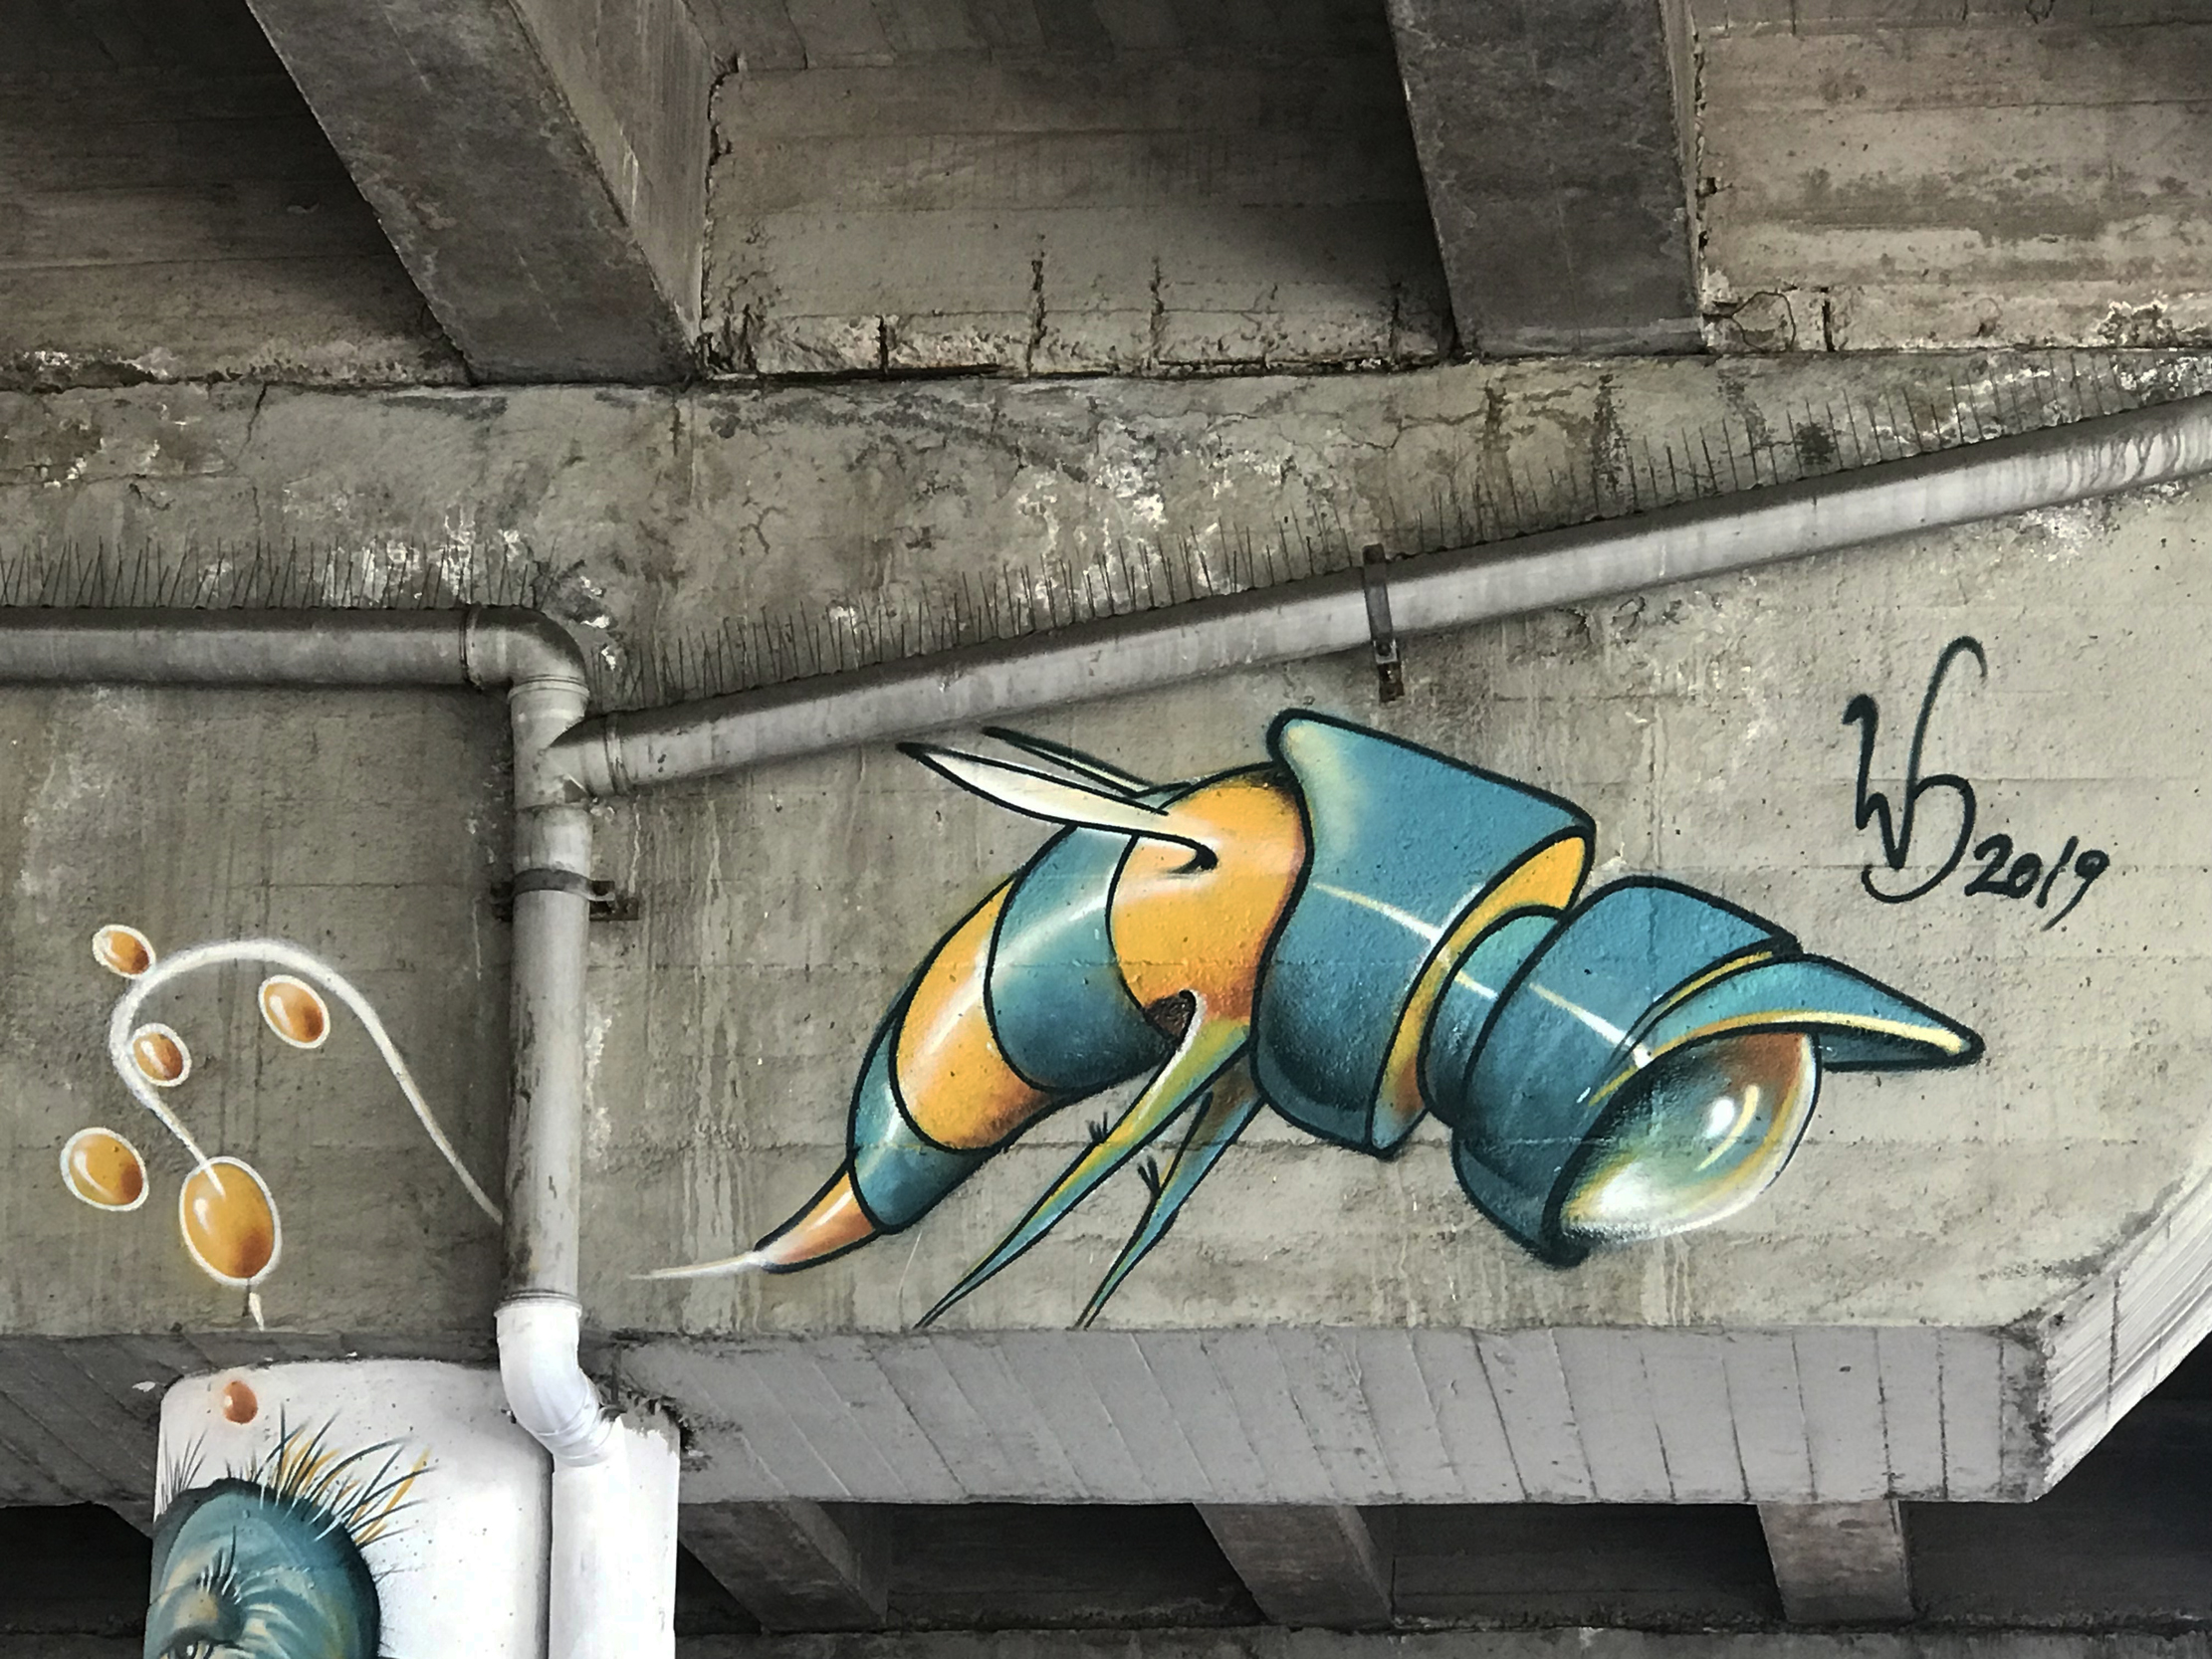 arte urbano Werens